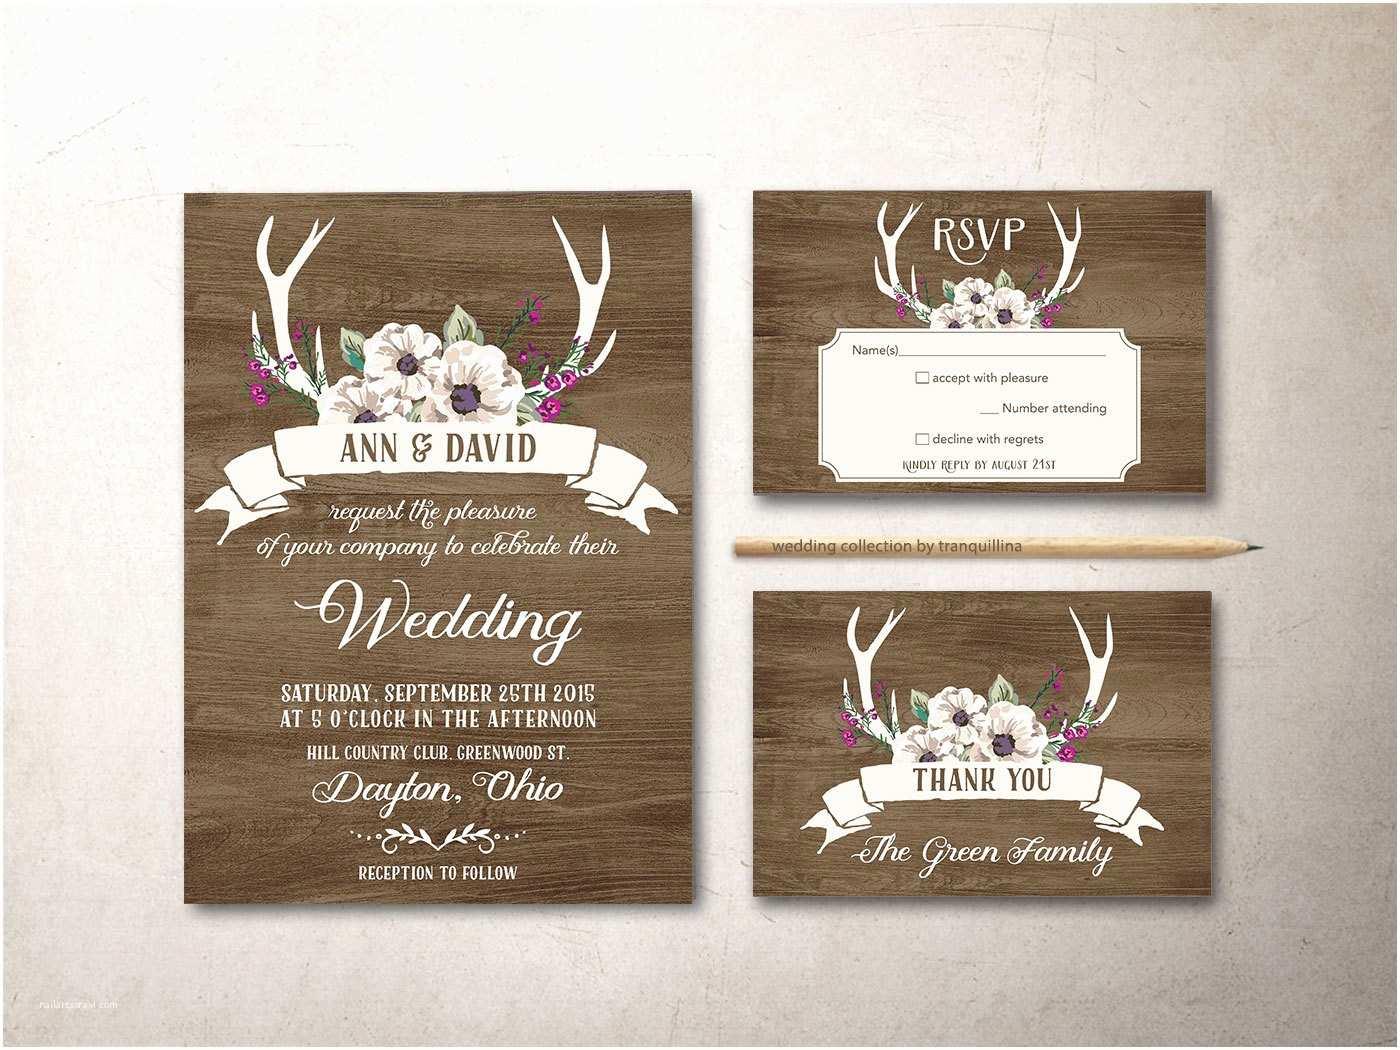 Printable Rustic Wedding Invitations Deer Antlers Wedding Invitation Printable Rustic Wedding